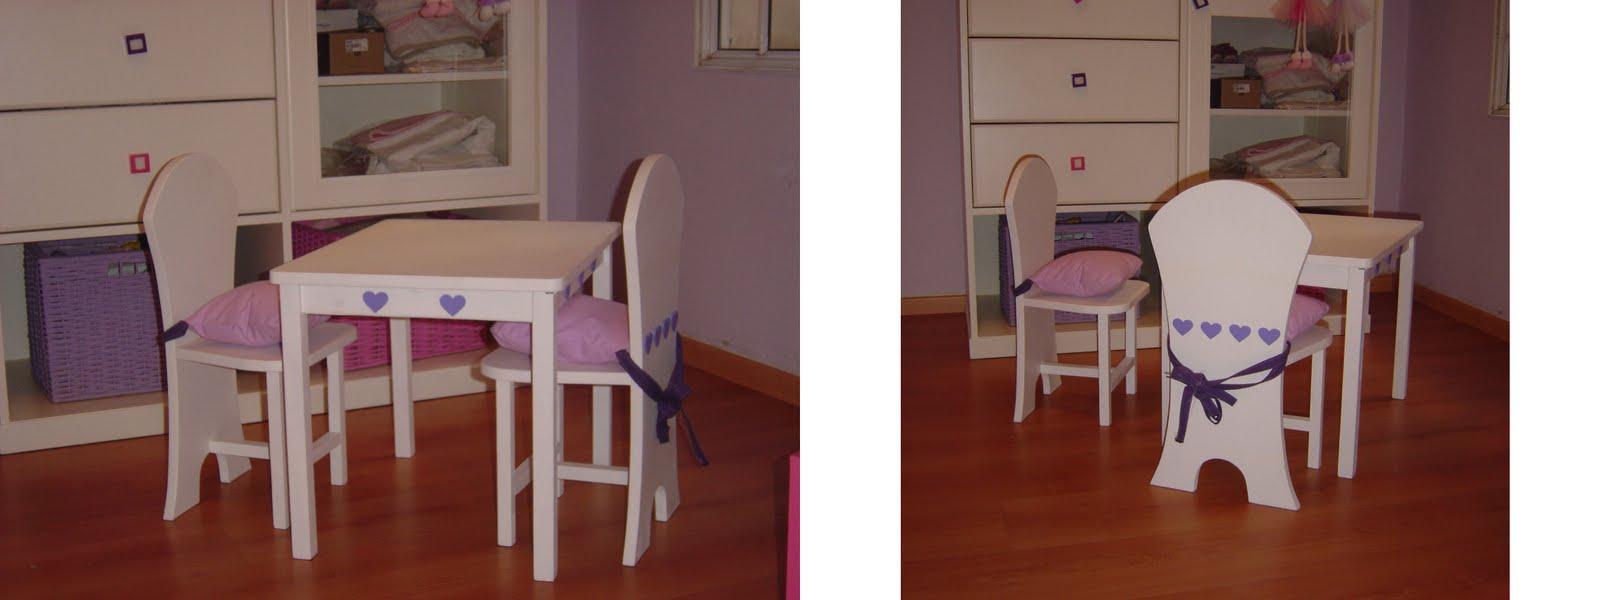 Mesas y sillas infantiles contrapunto - Sillas infantiles ...